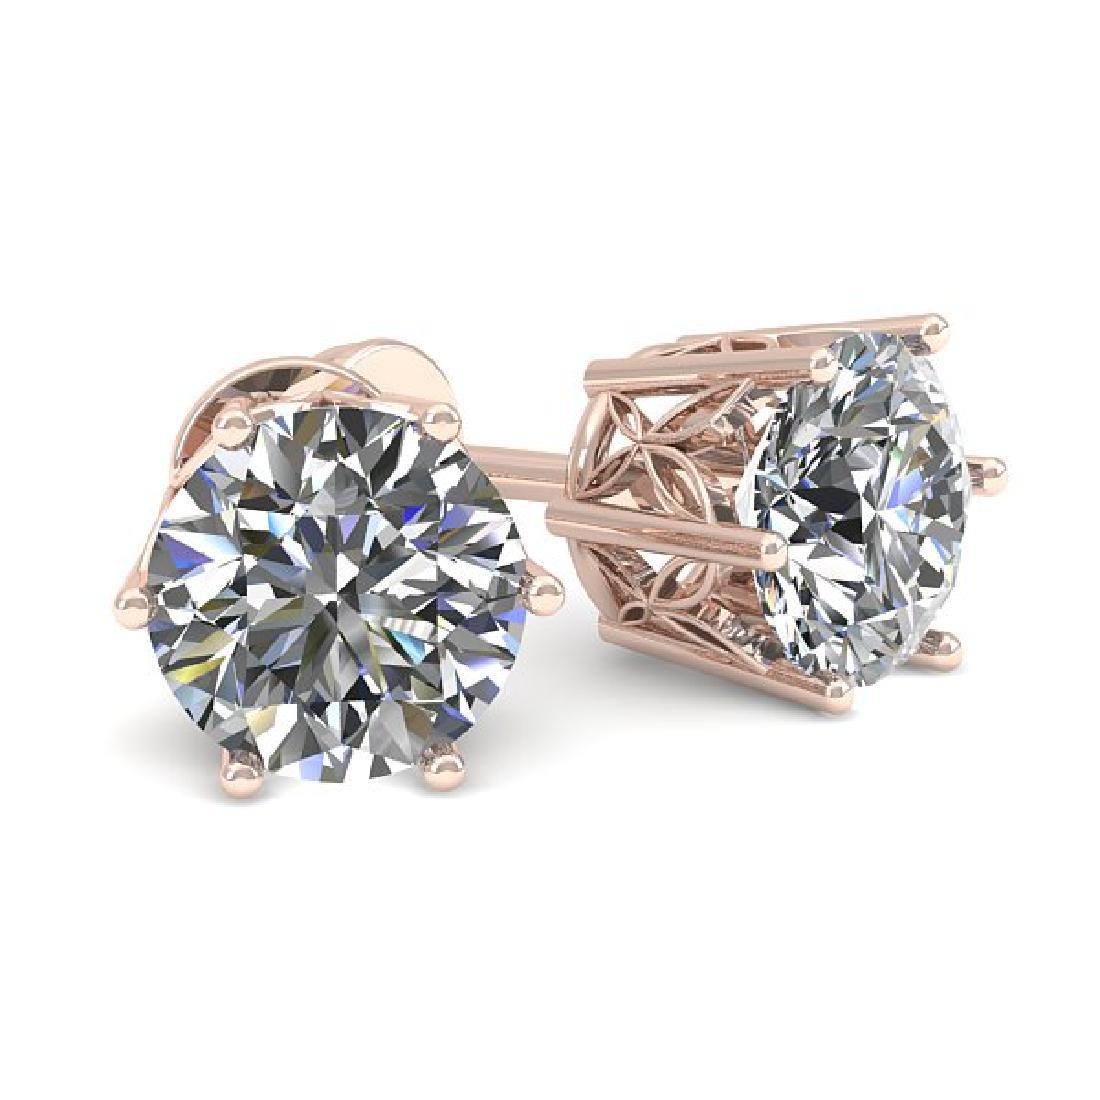 0.50 CTW Certified VS/SI Diamond Stud Art Deco Earrings